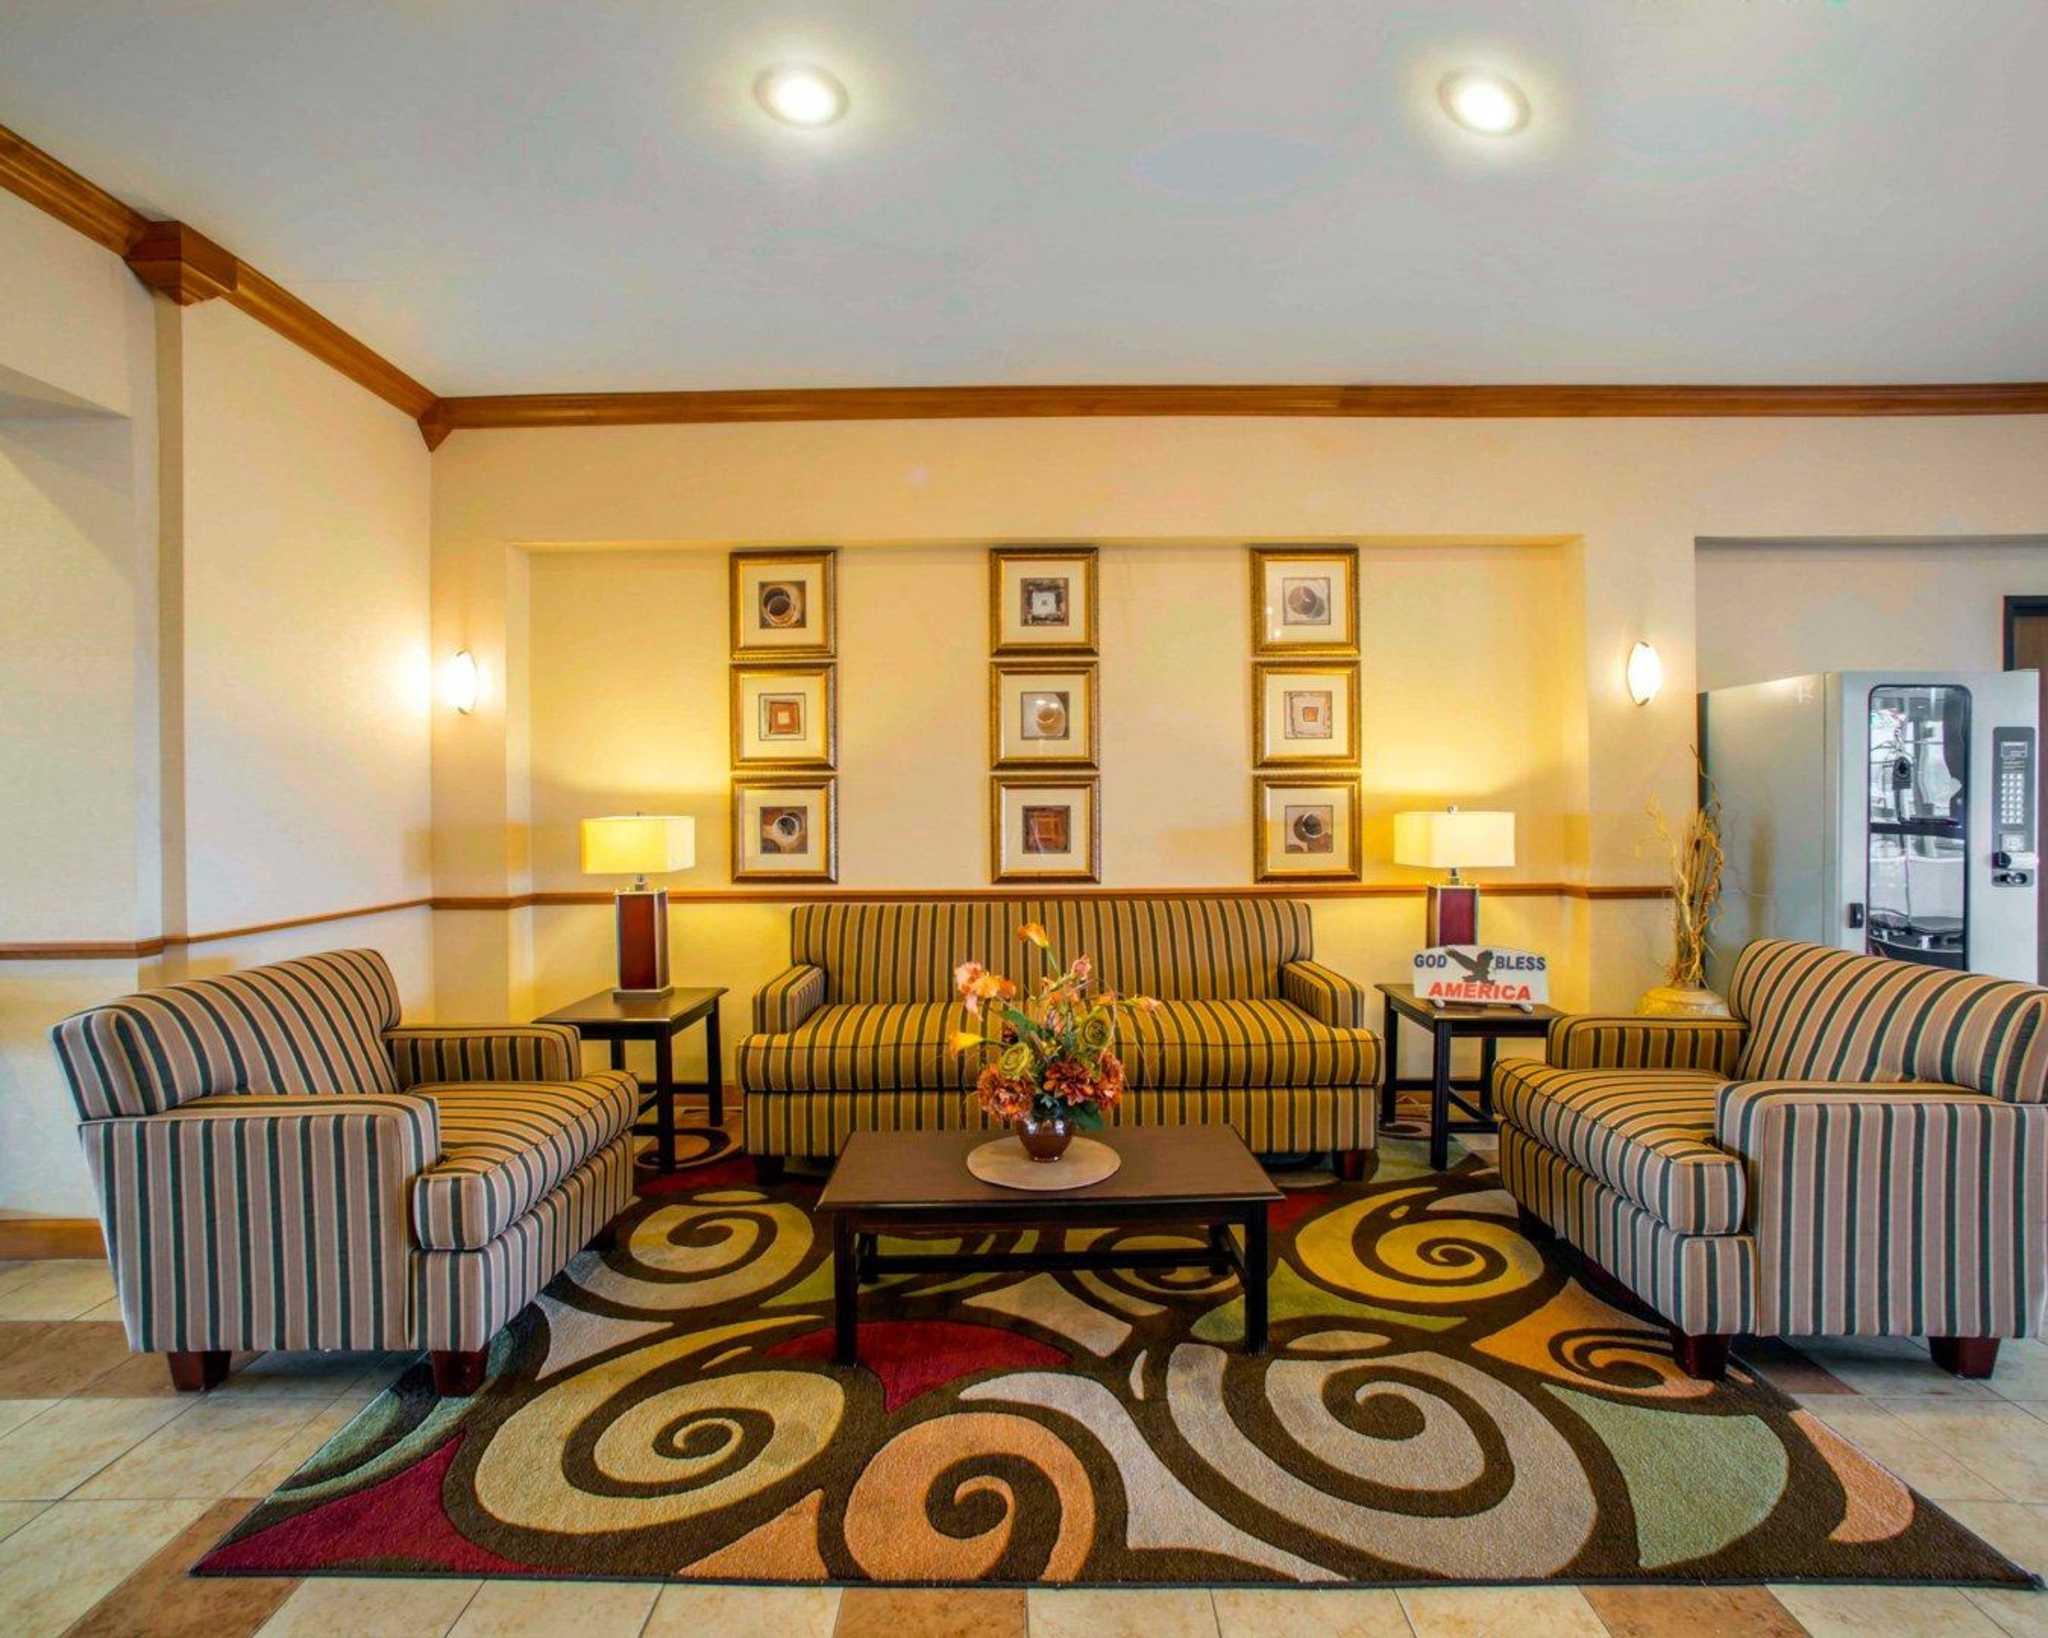 Comfort Inn & Suites Greenville I-70 image 15